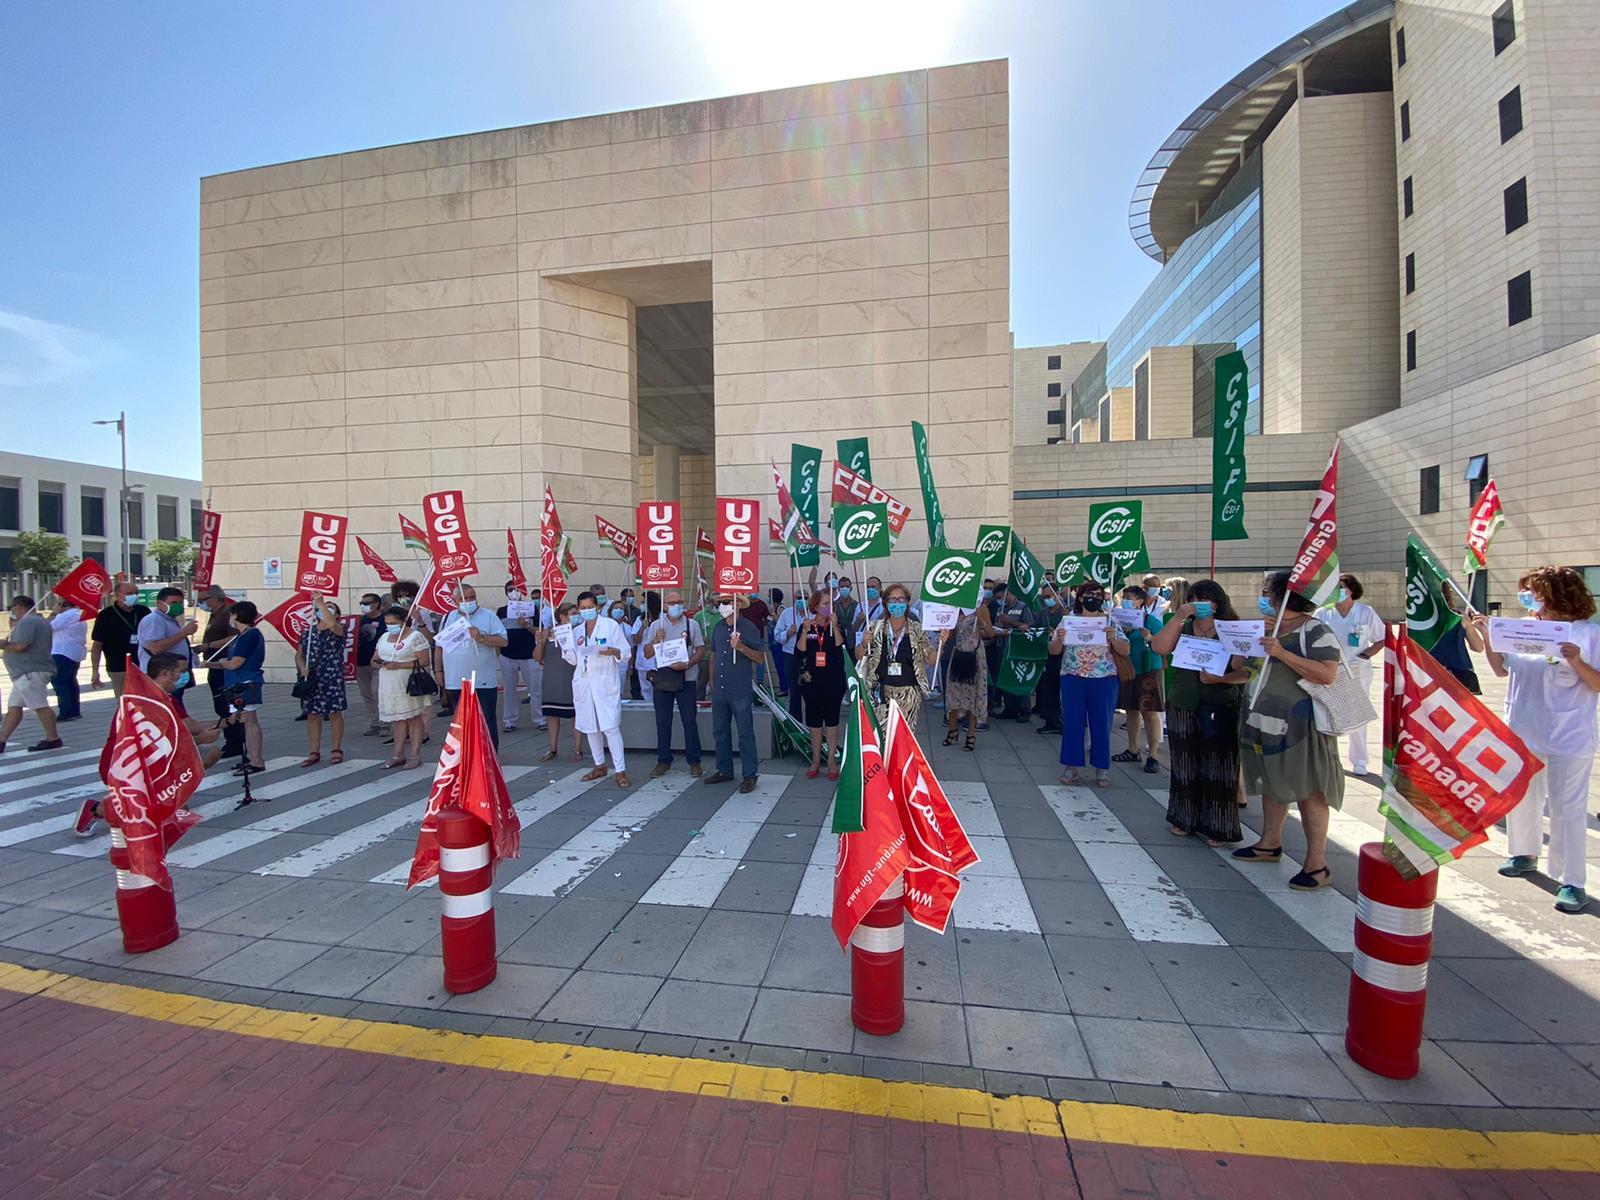 Los sindicatos mayoritarios convocan movilizaciones en defensa de la sanidad pública